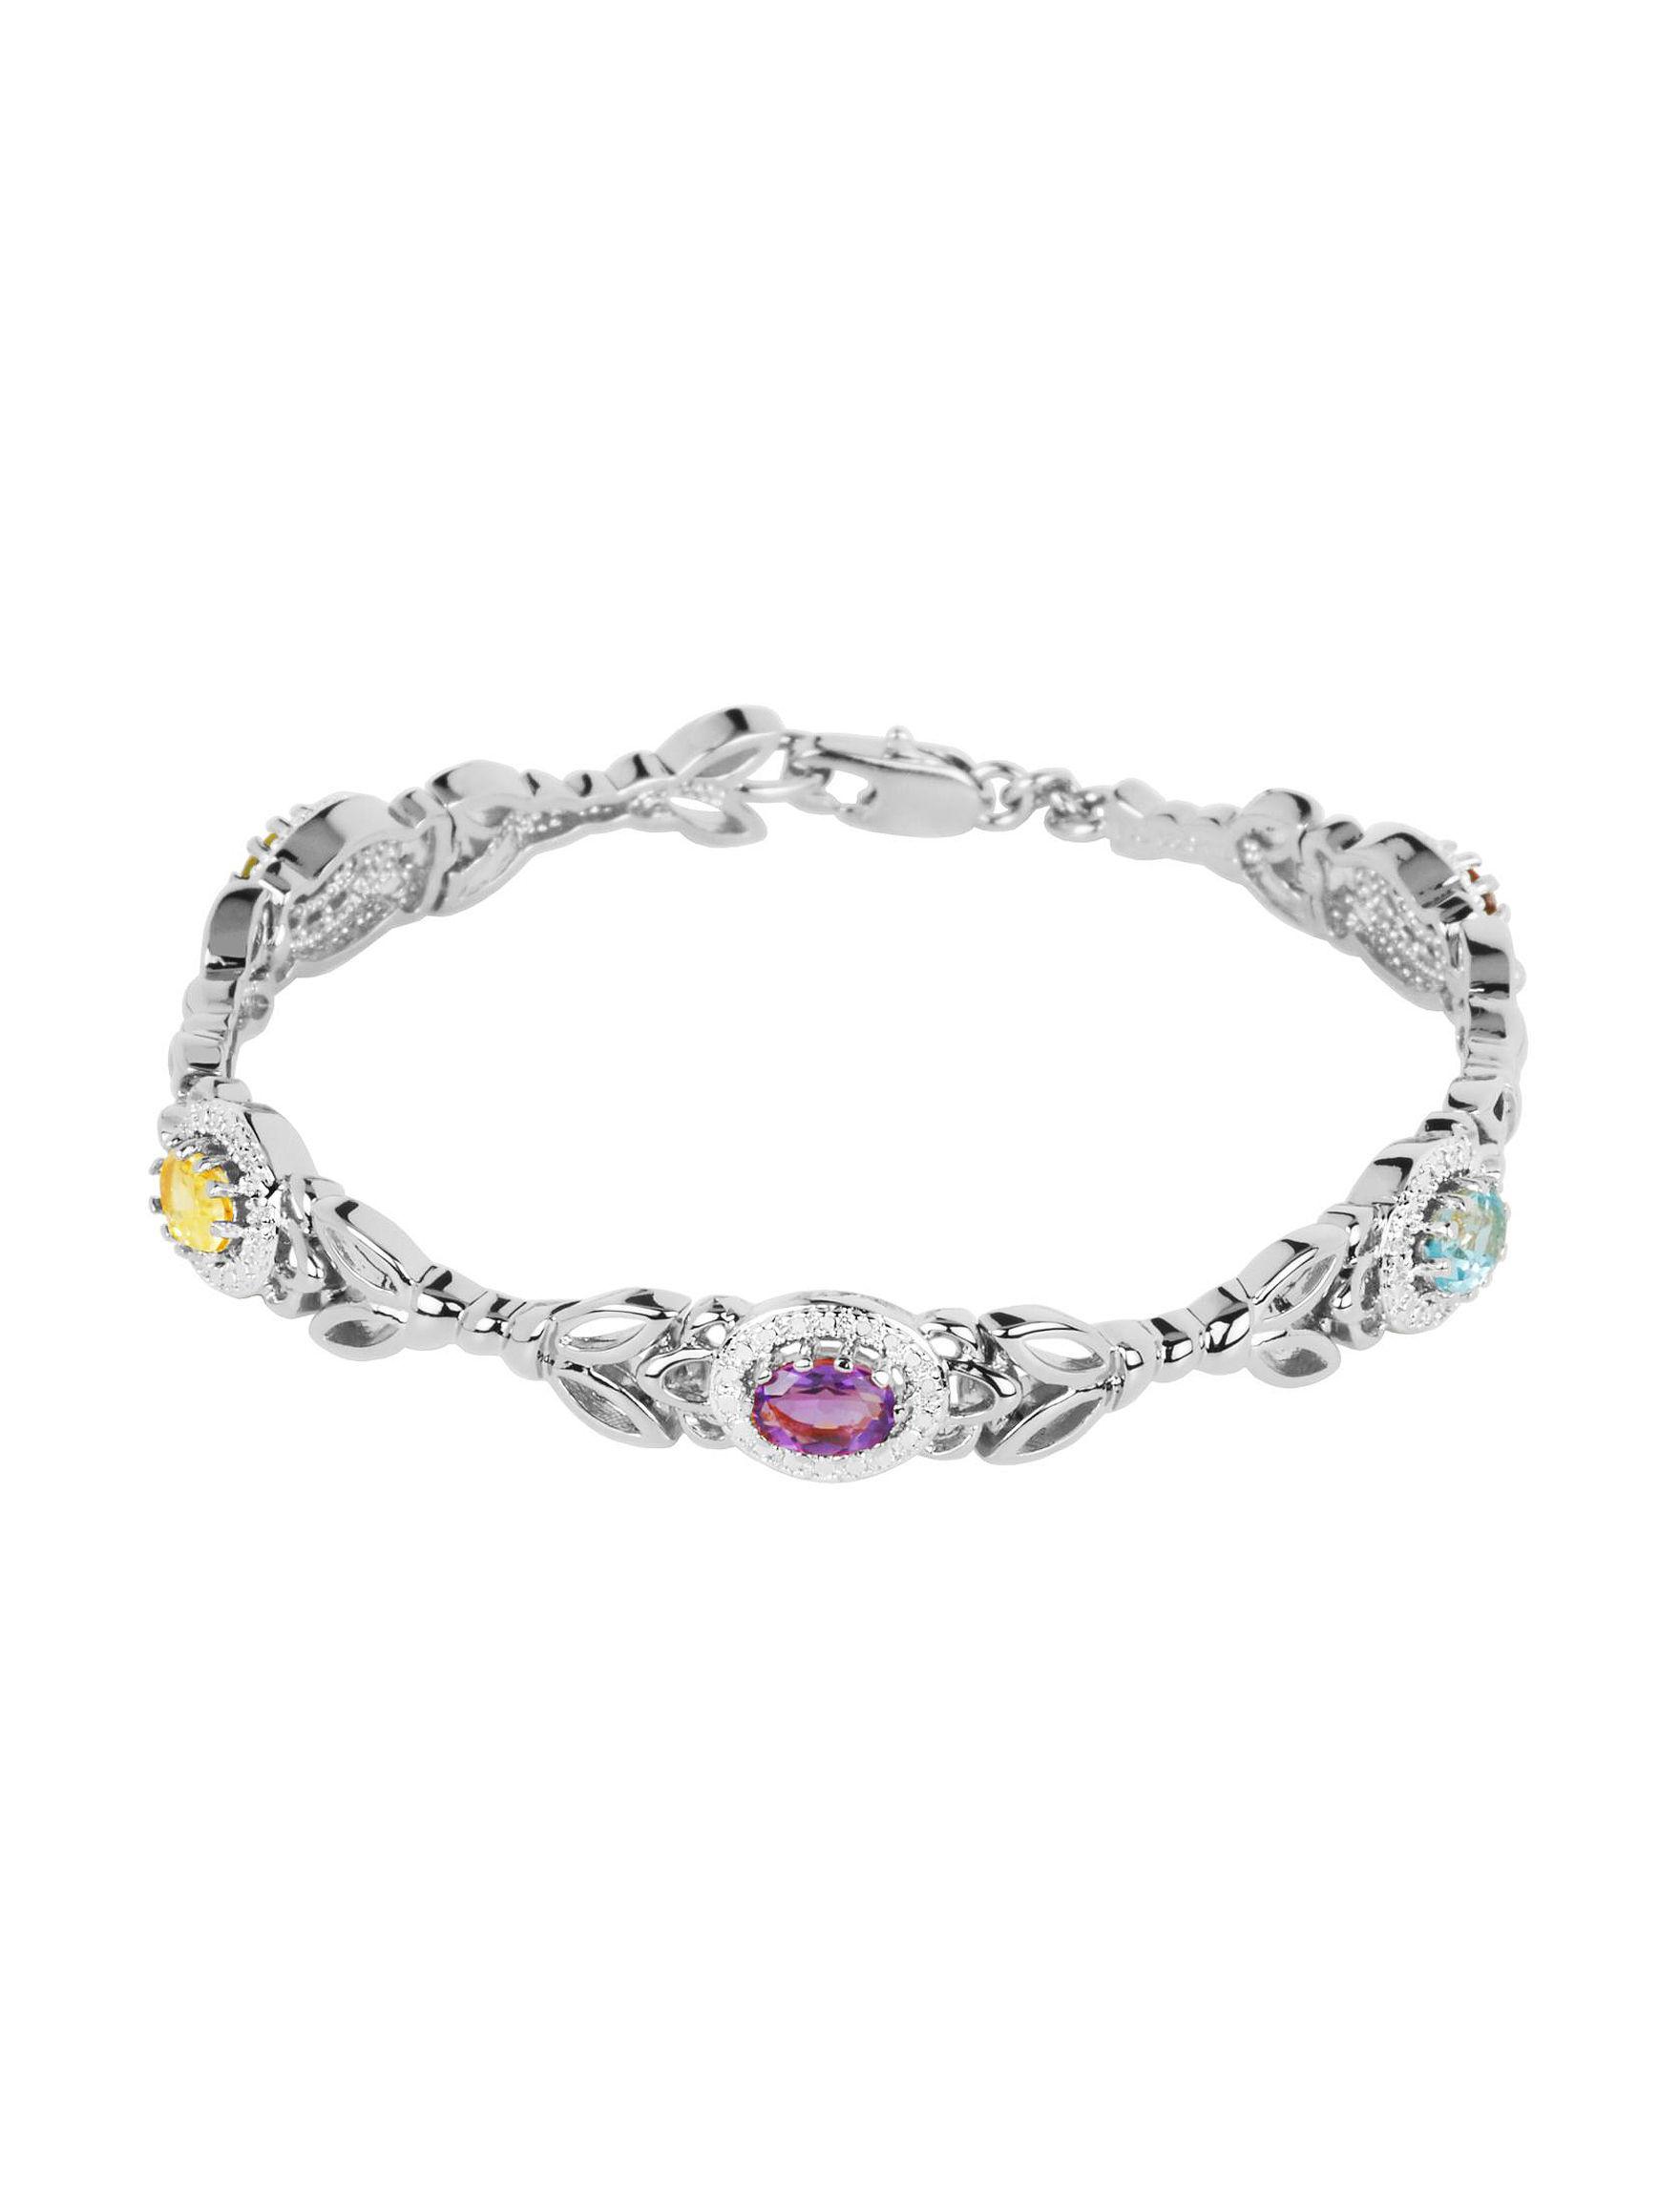 PAJ INC. Multi Color Bracelets Fine Jewelry